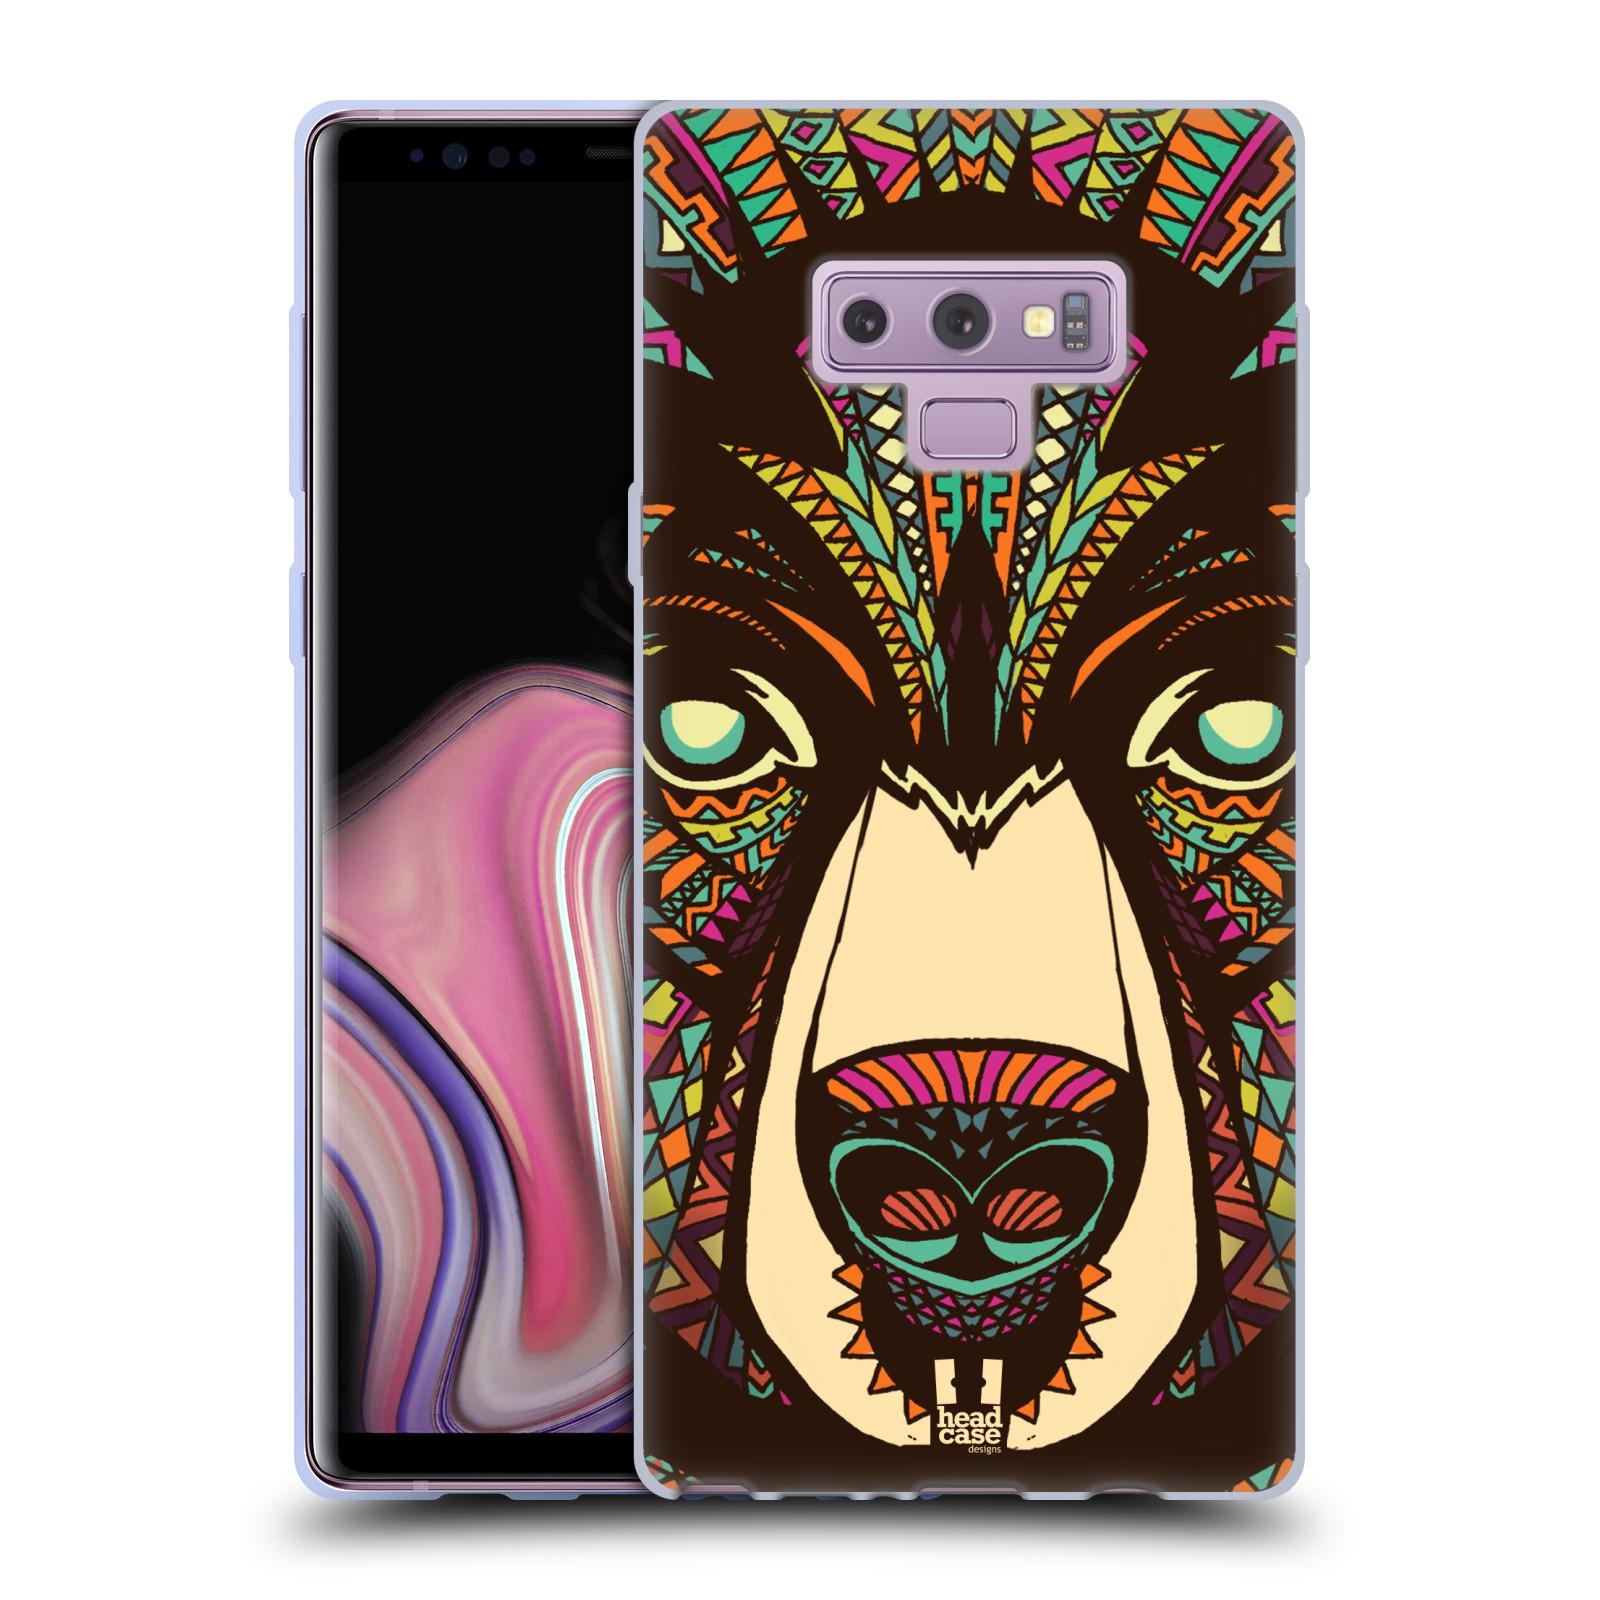 Silikonové pouzdro na mobil Samsung Galaxy Note 9 - Head Case - AZTEC MEDVĚD